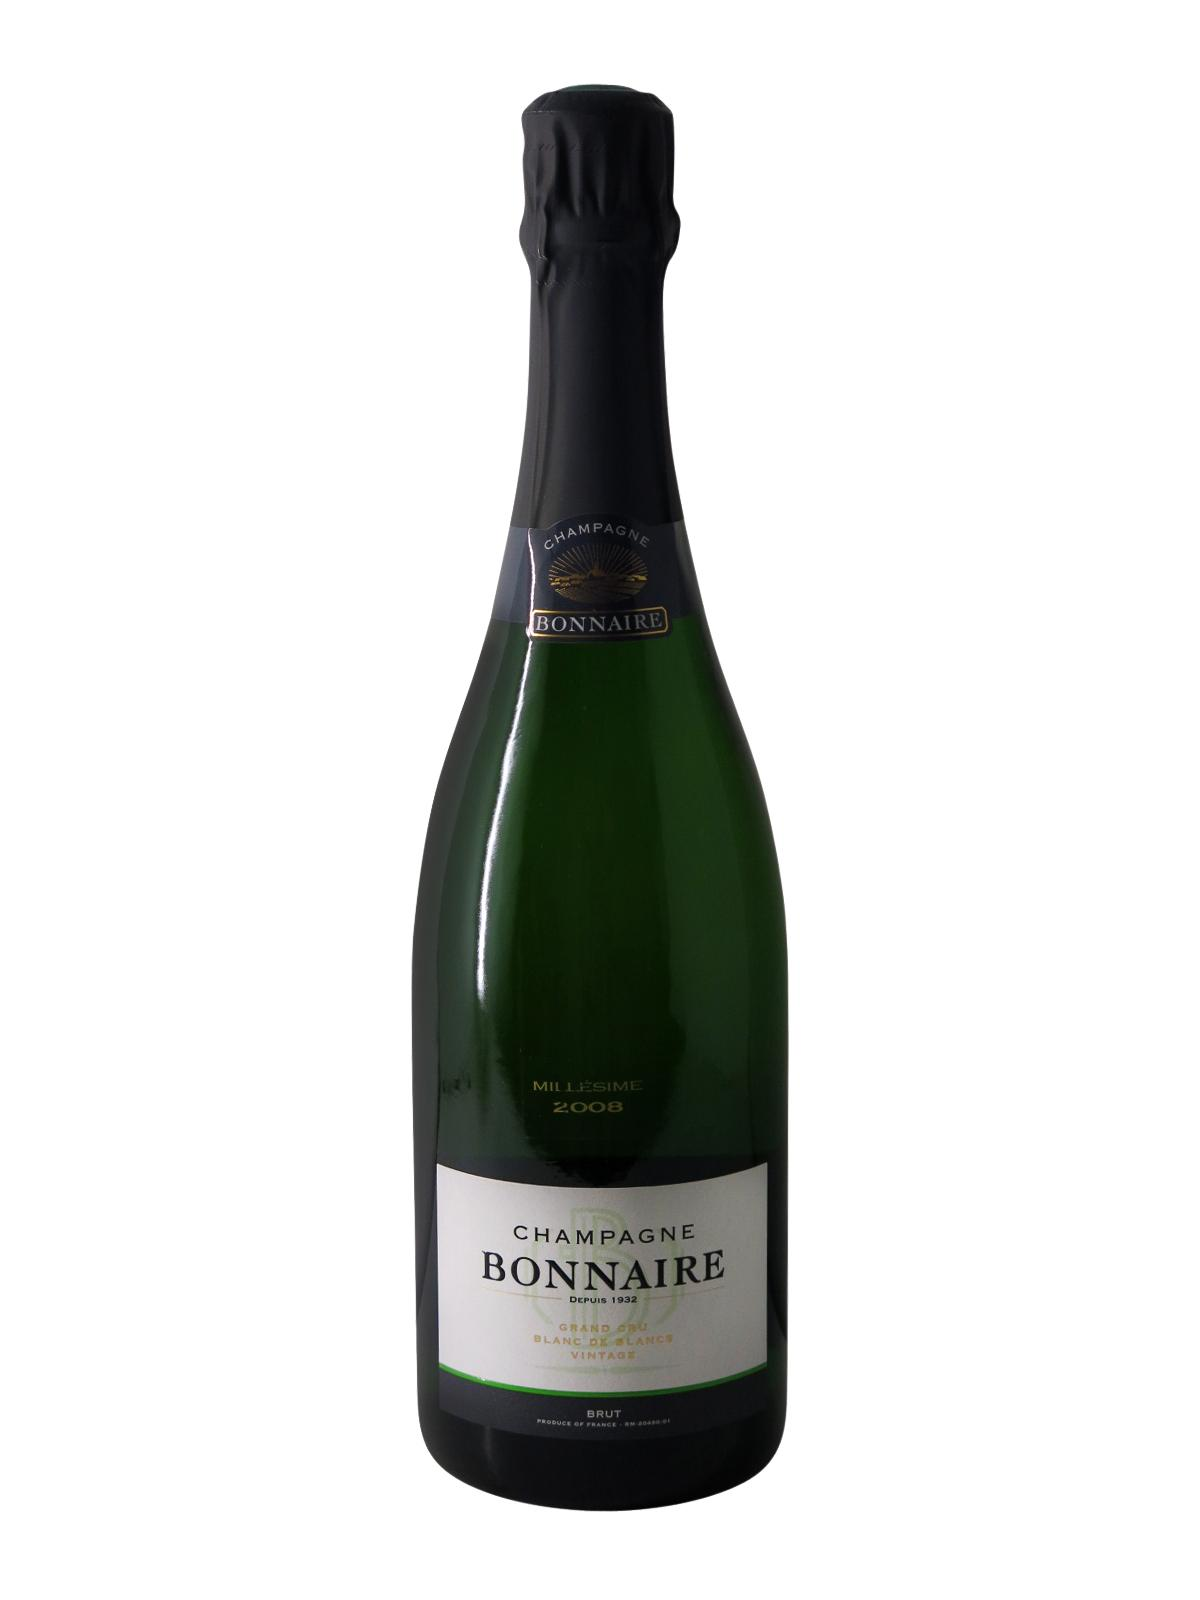 Champagne bonnaire millesime 2008